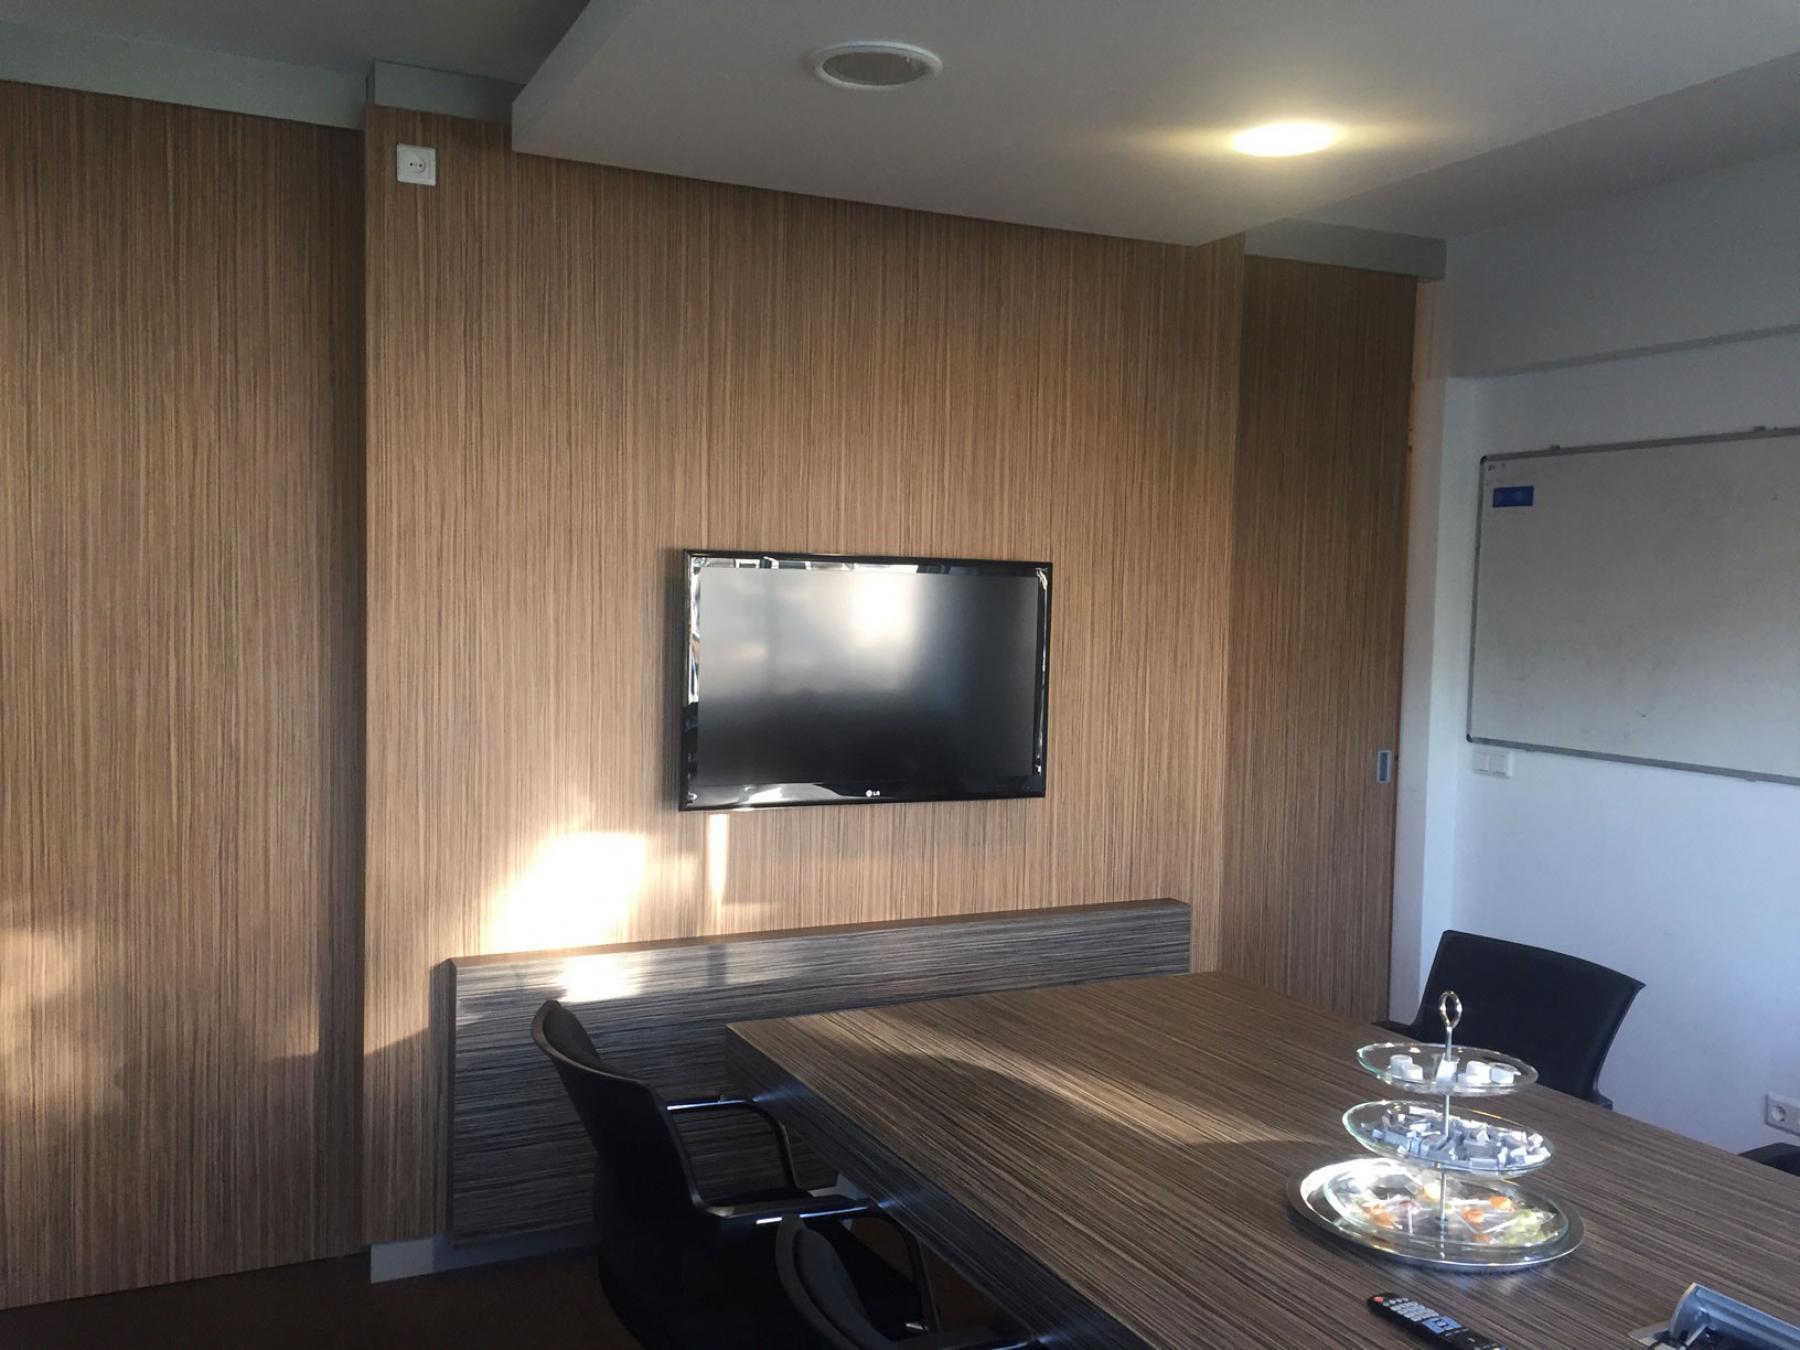 presentatieruimte televisie vergadertafel Walenburgerweg Rotterdam